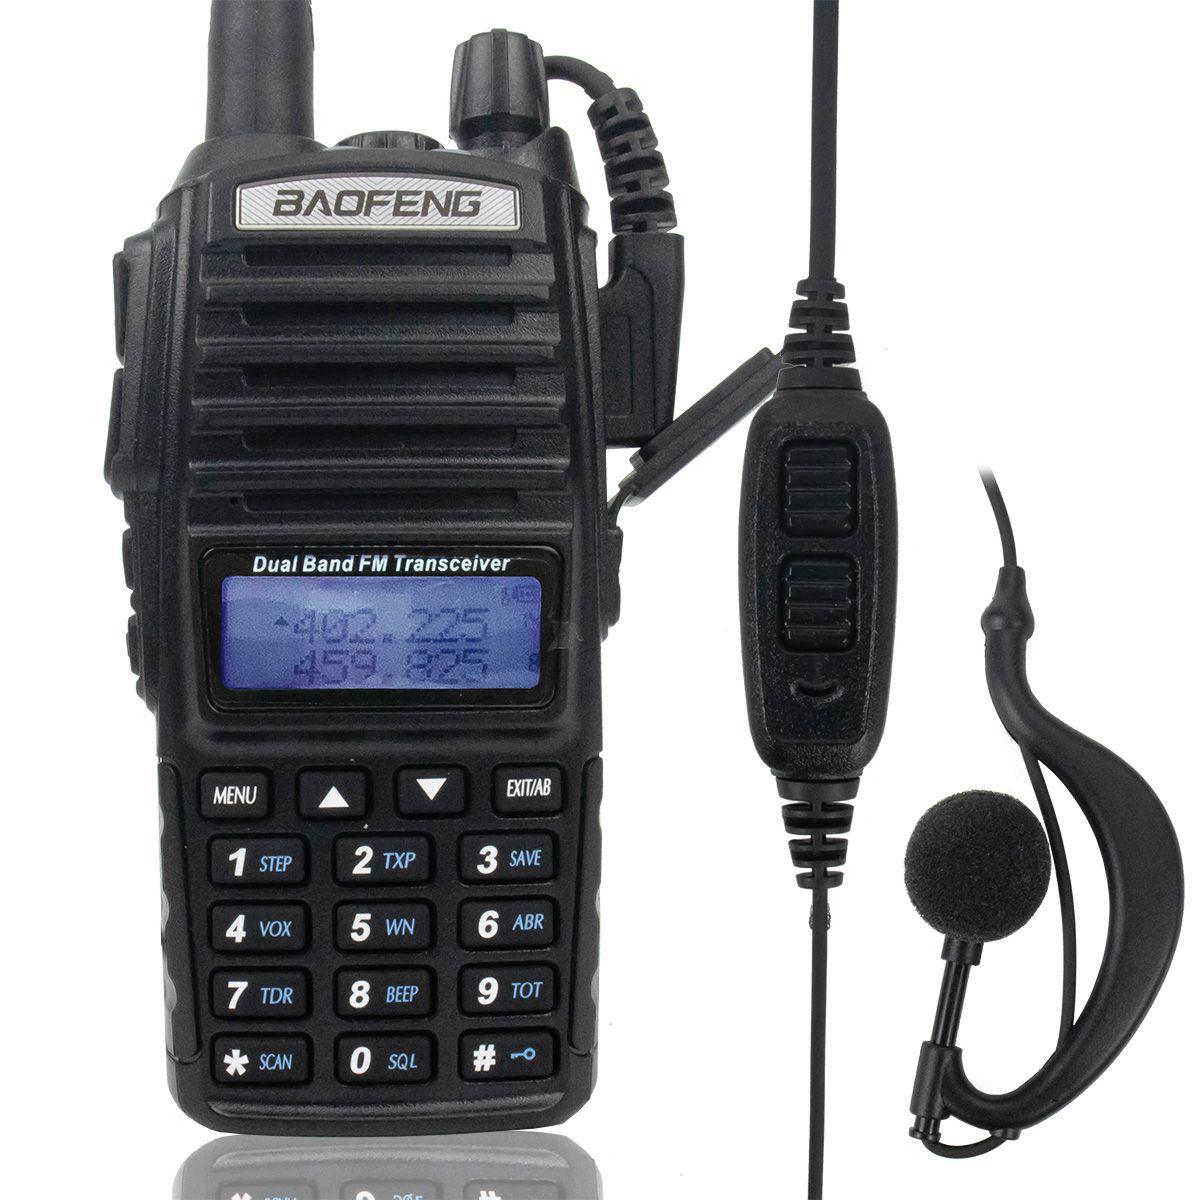 Rádio Comunicador Walk Talk Baofeng BF-UV82 (unidade) com Fone de Ouvido